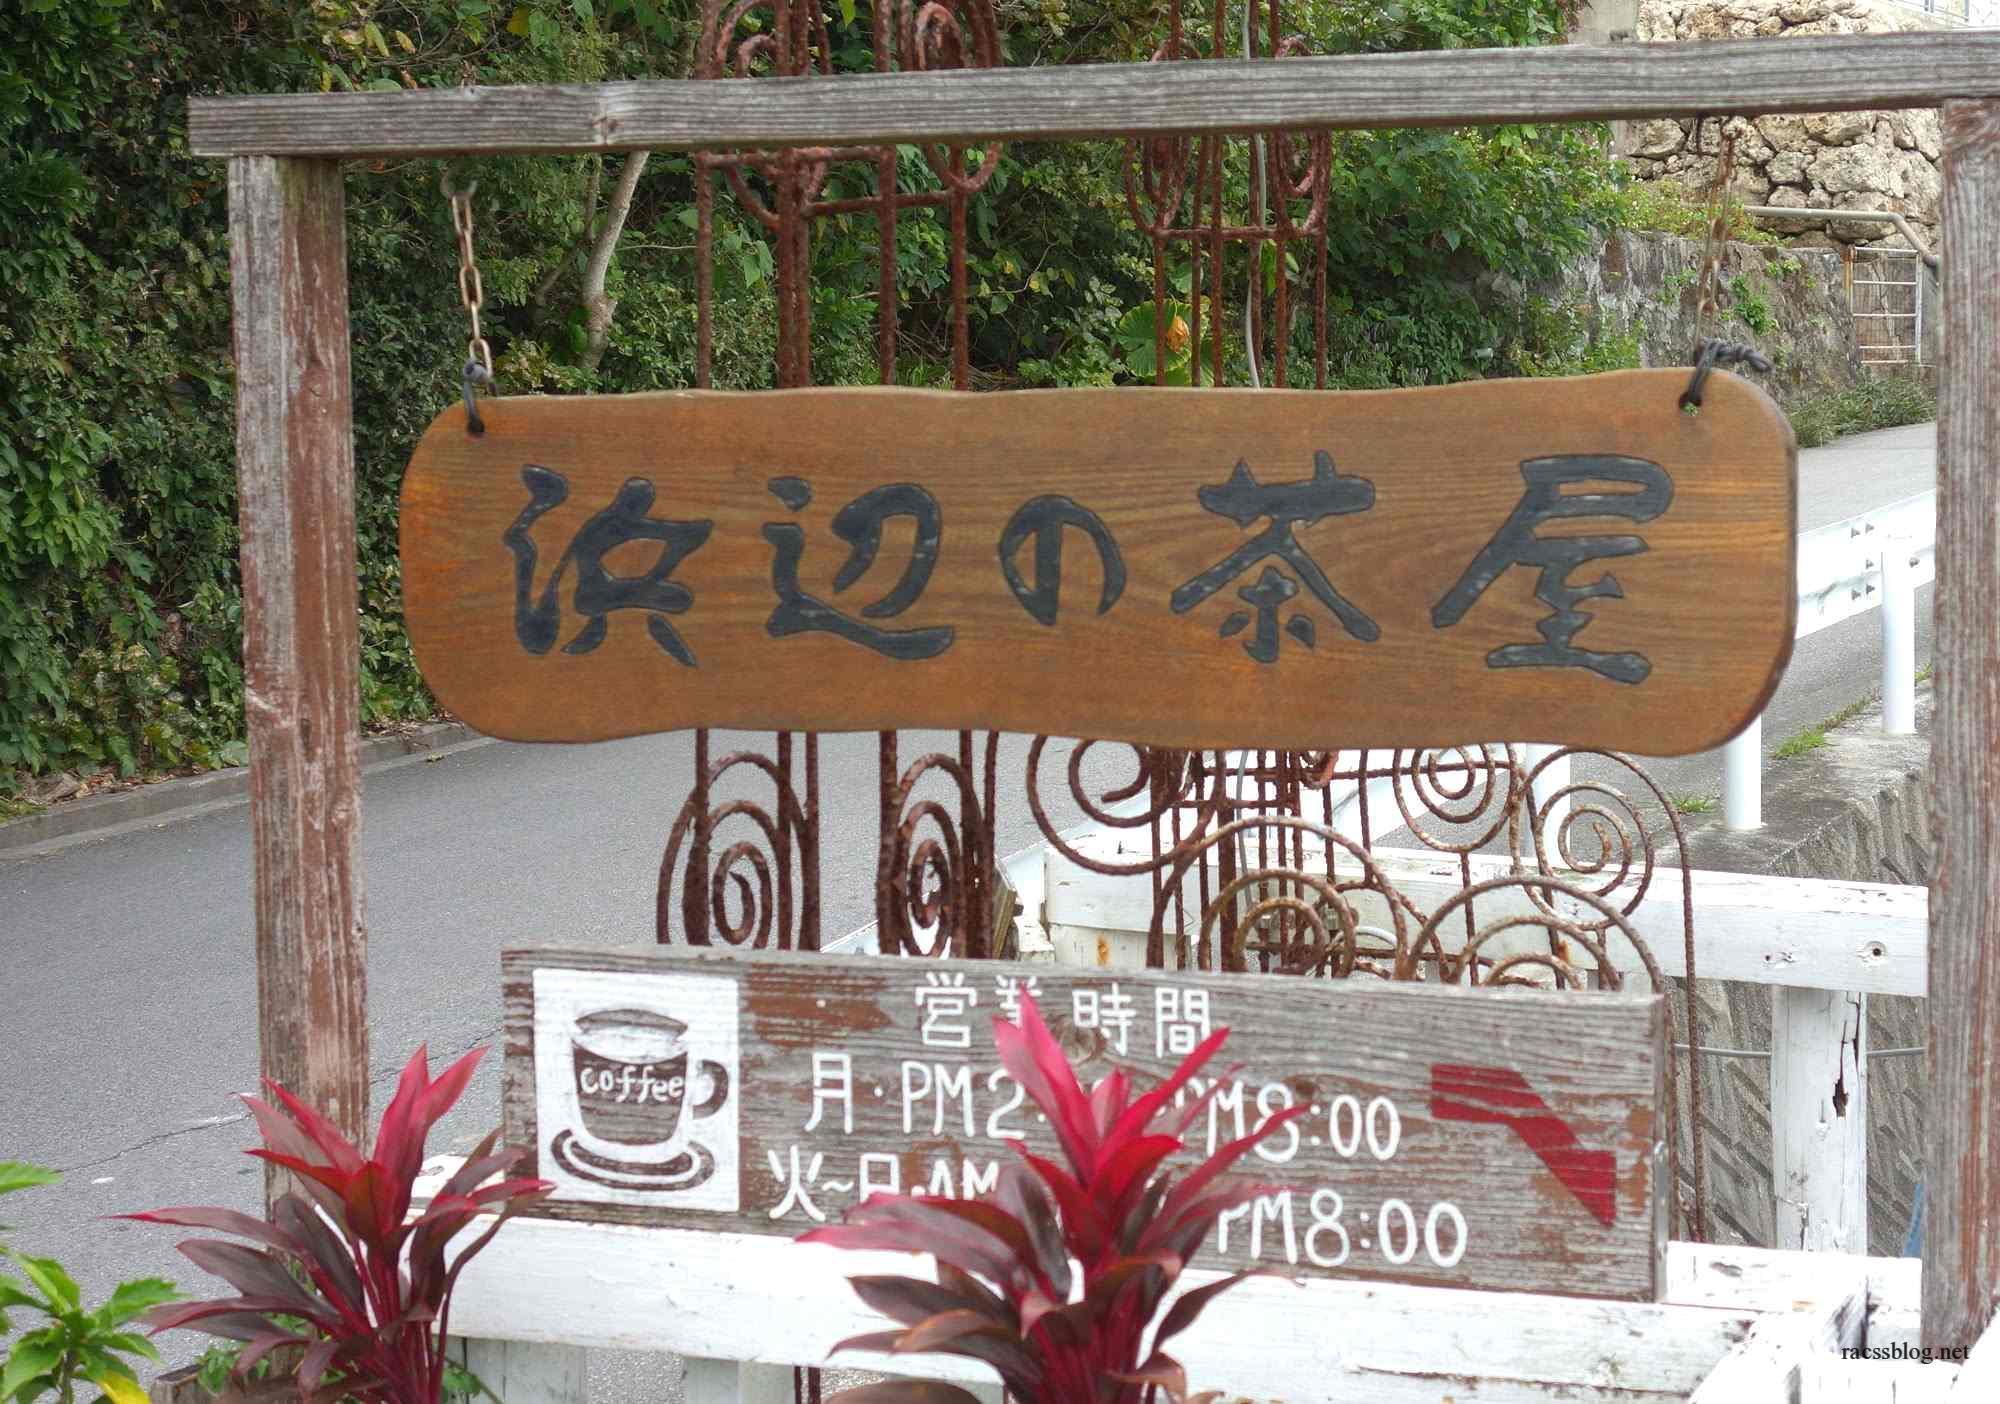 沖縄絶景カフェ|干潮も美しい「浜辺の茶屋」の手作りケーキを食べに行く